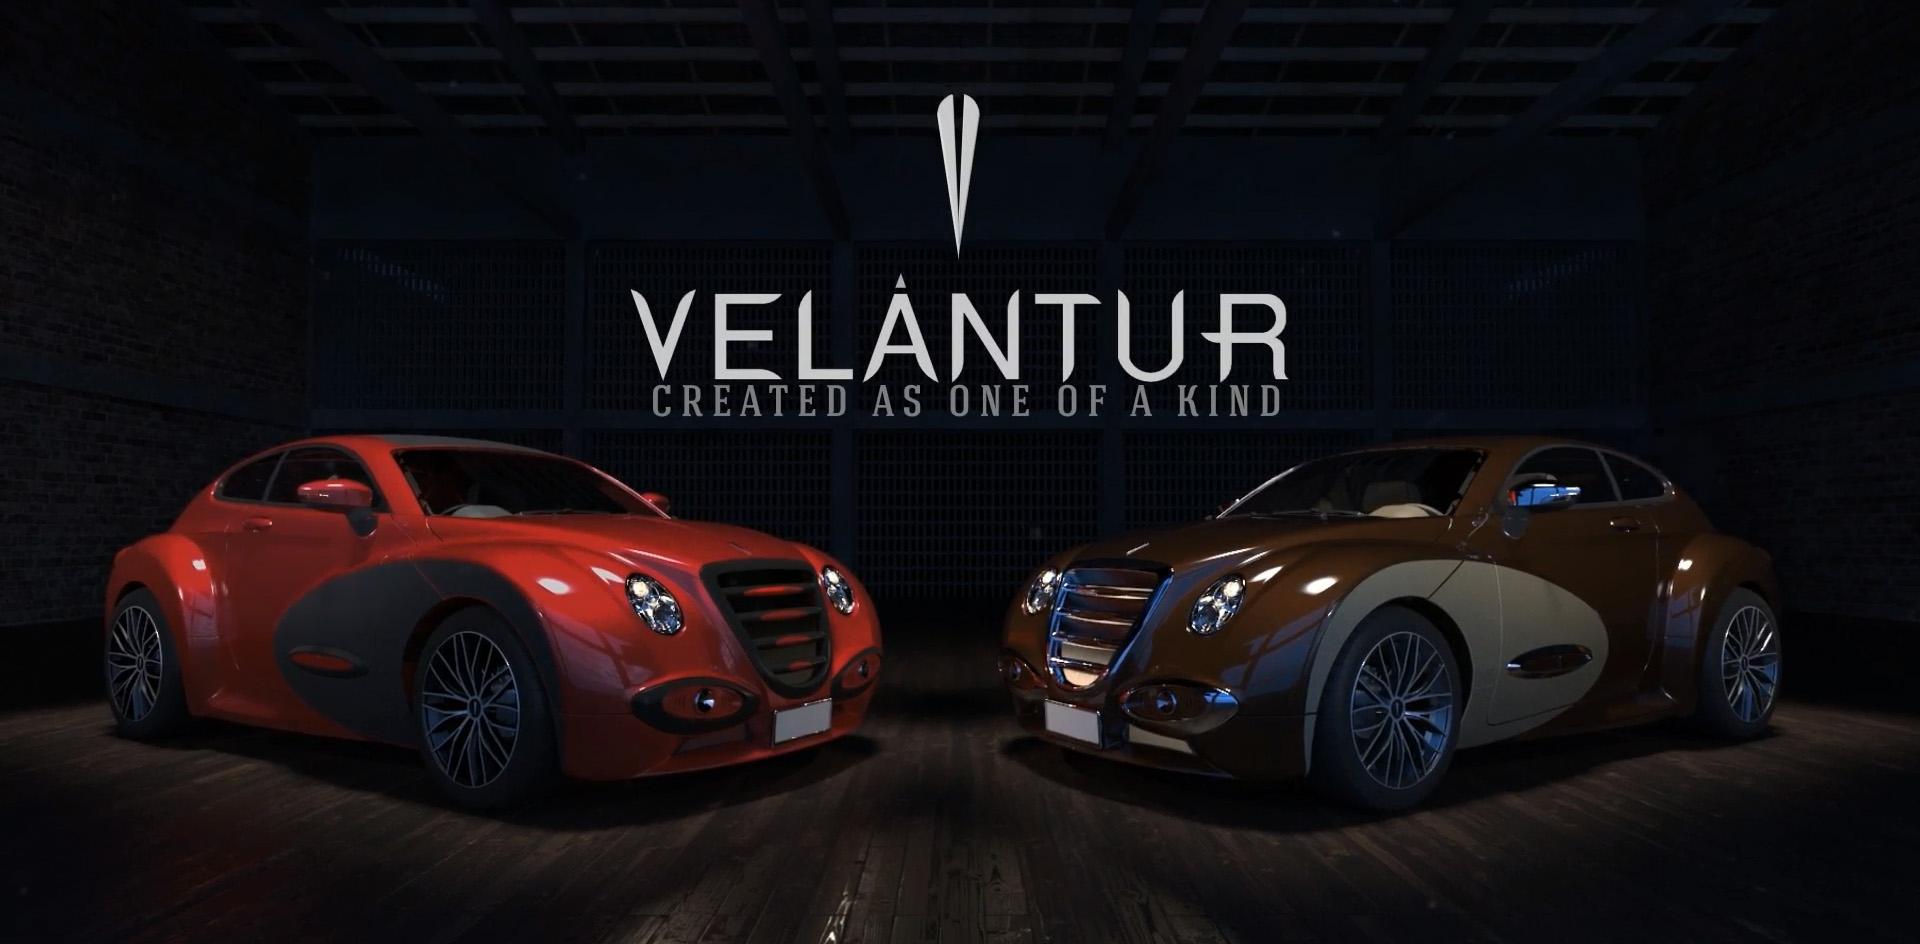 Concept Velantur 1